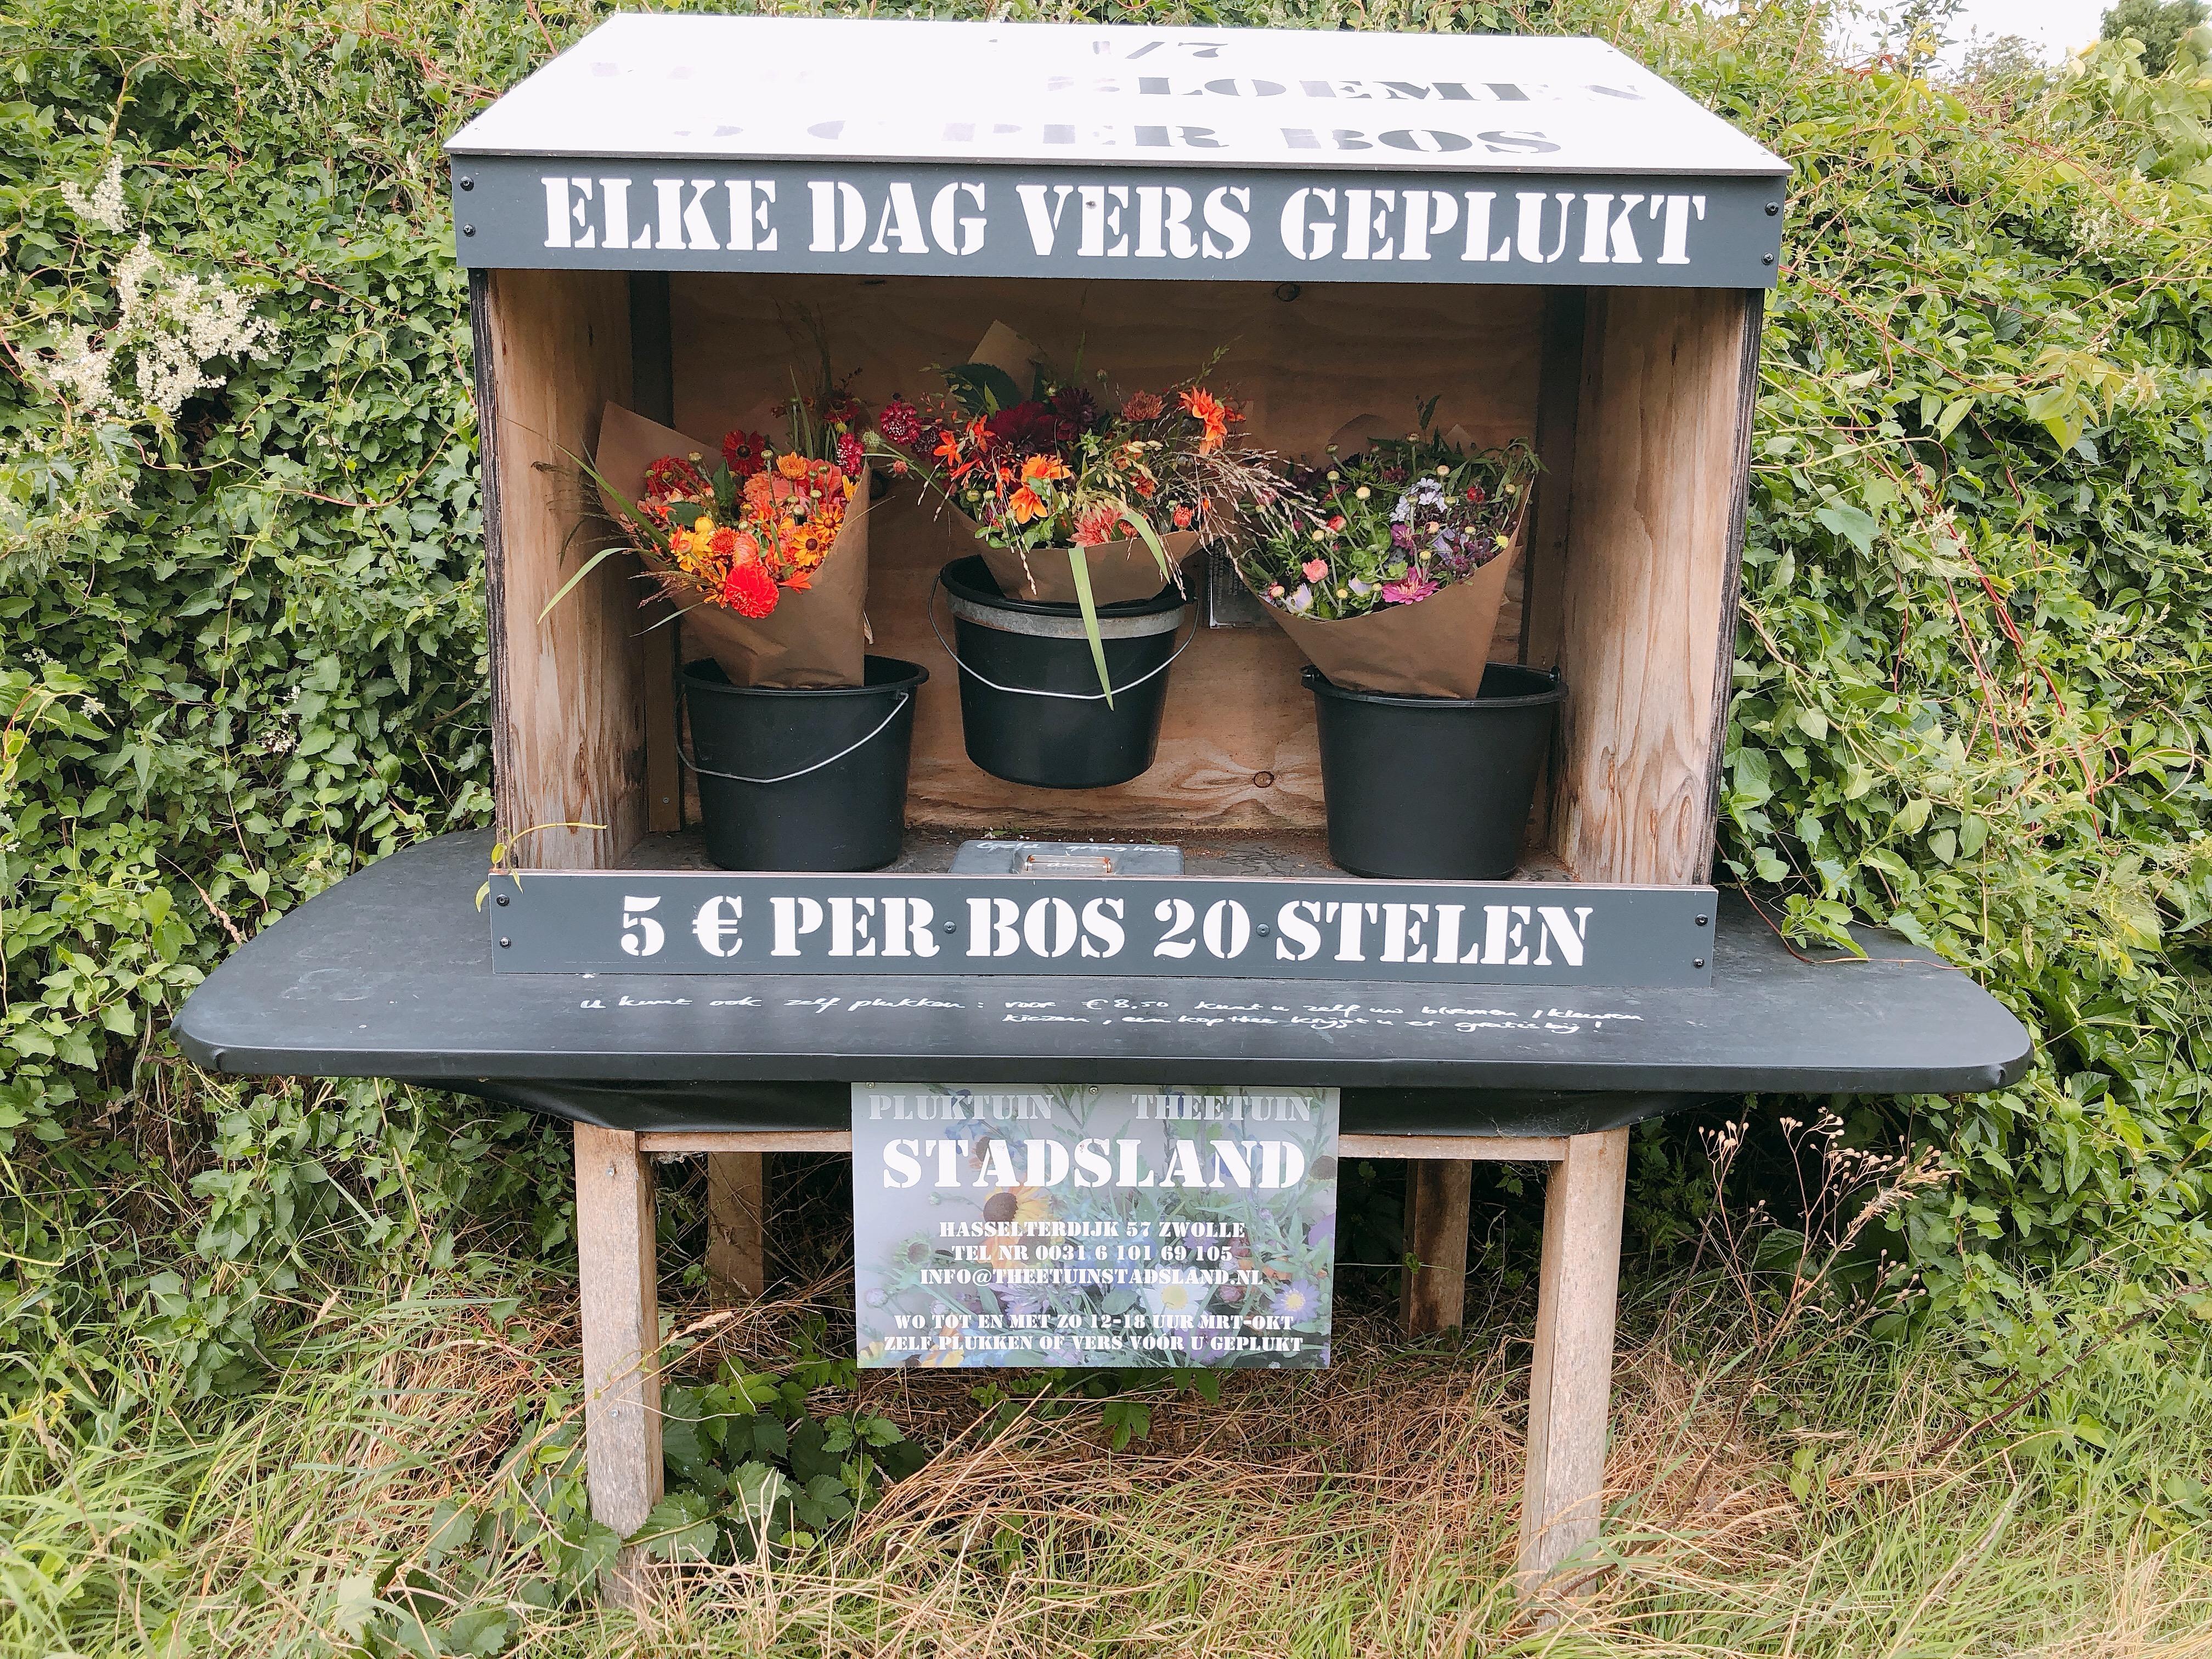 IMG 1174 - Low-budget uitjes tip: Pluk- en theetuin Stadsland!